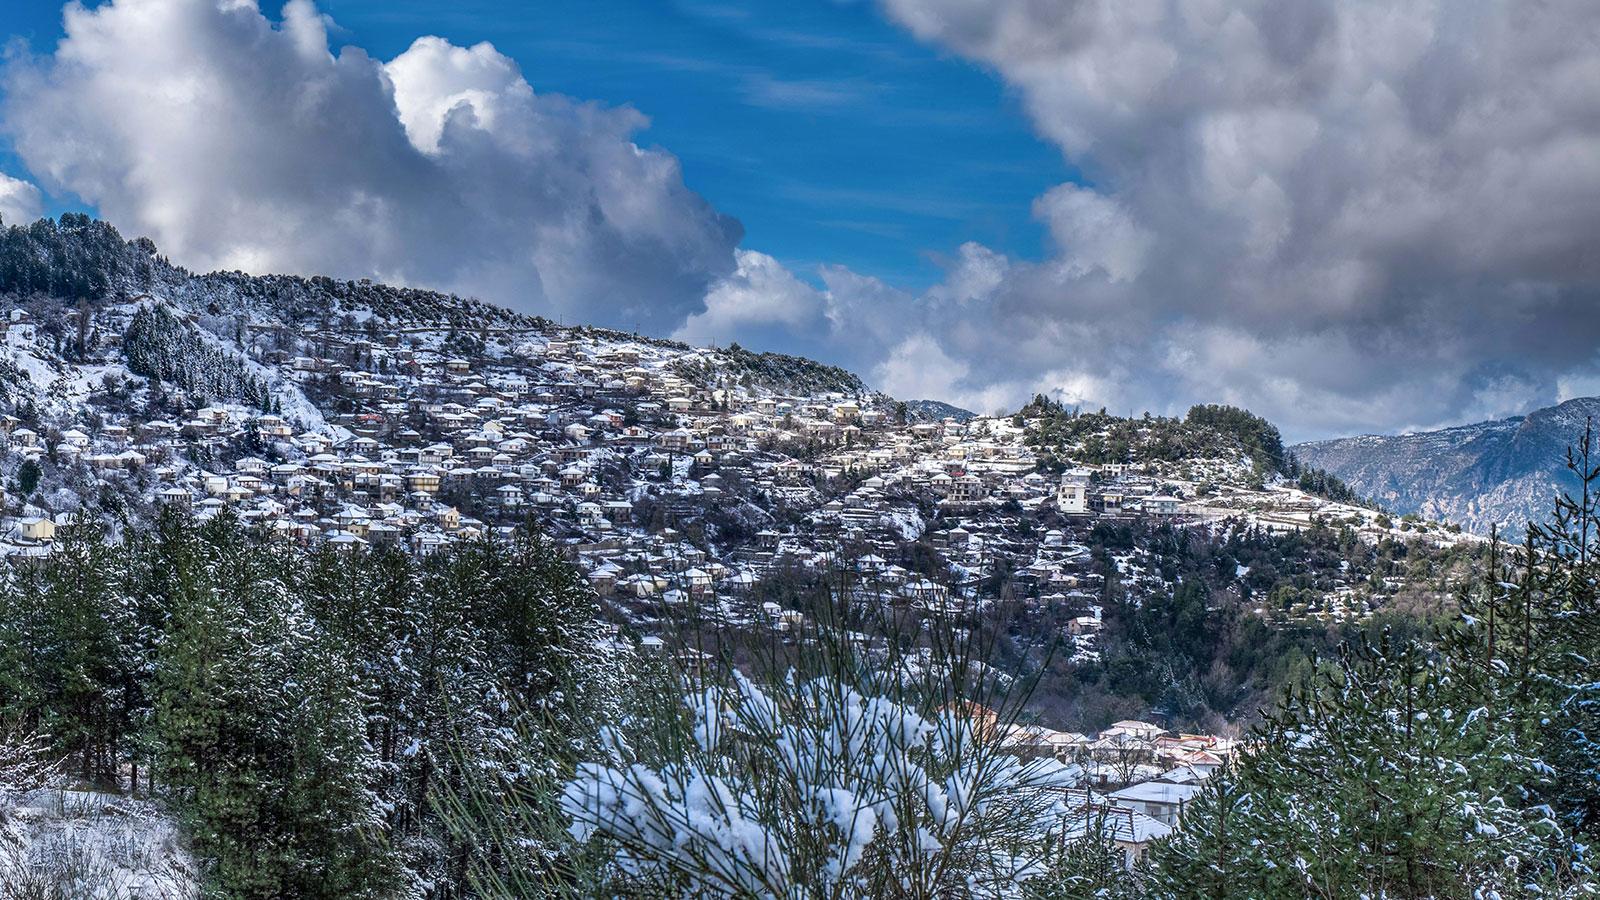 Φυσικό περιβάλλον και ιστορικό τοπίο των Τζουμέρκων